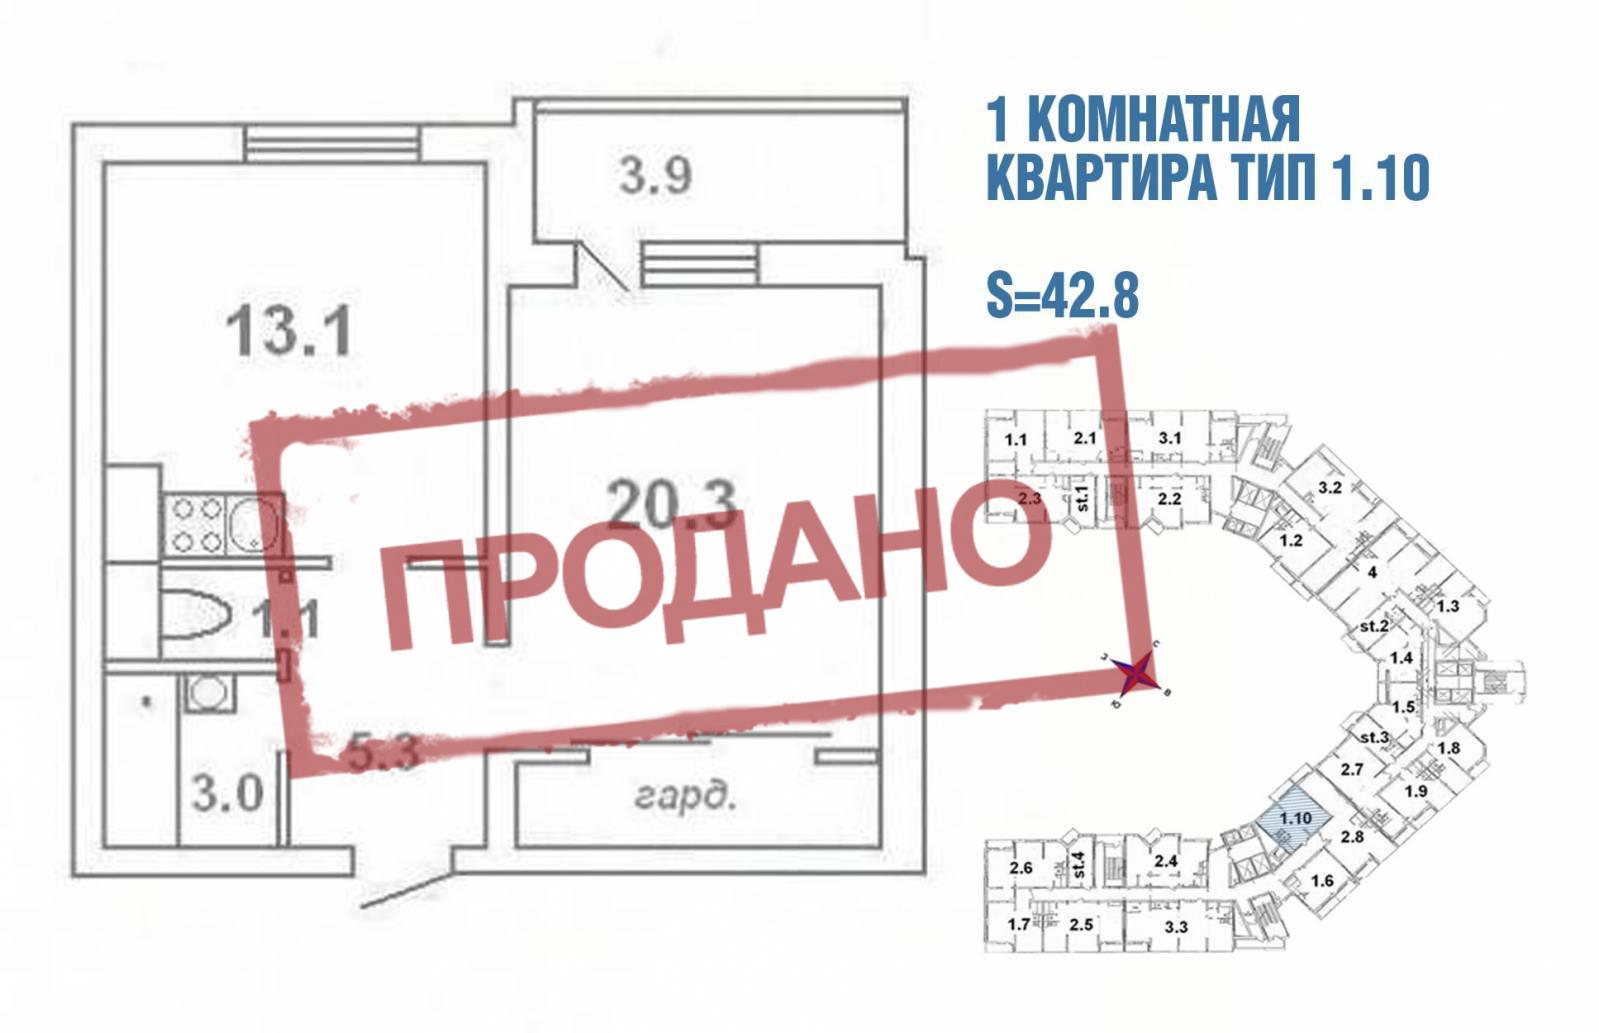 1 комнатная квартира тип 1.10 - 42,8 кв.м.